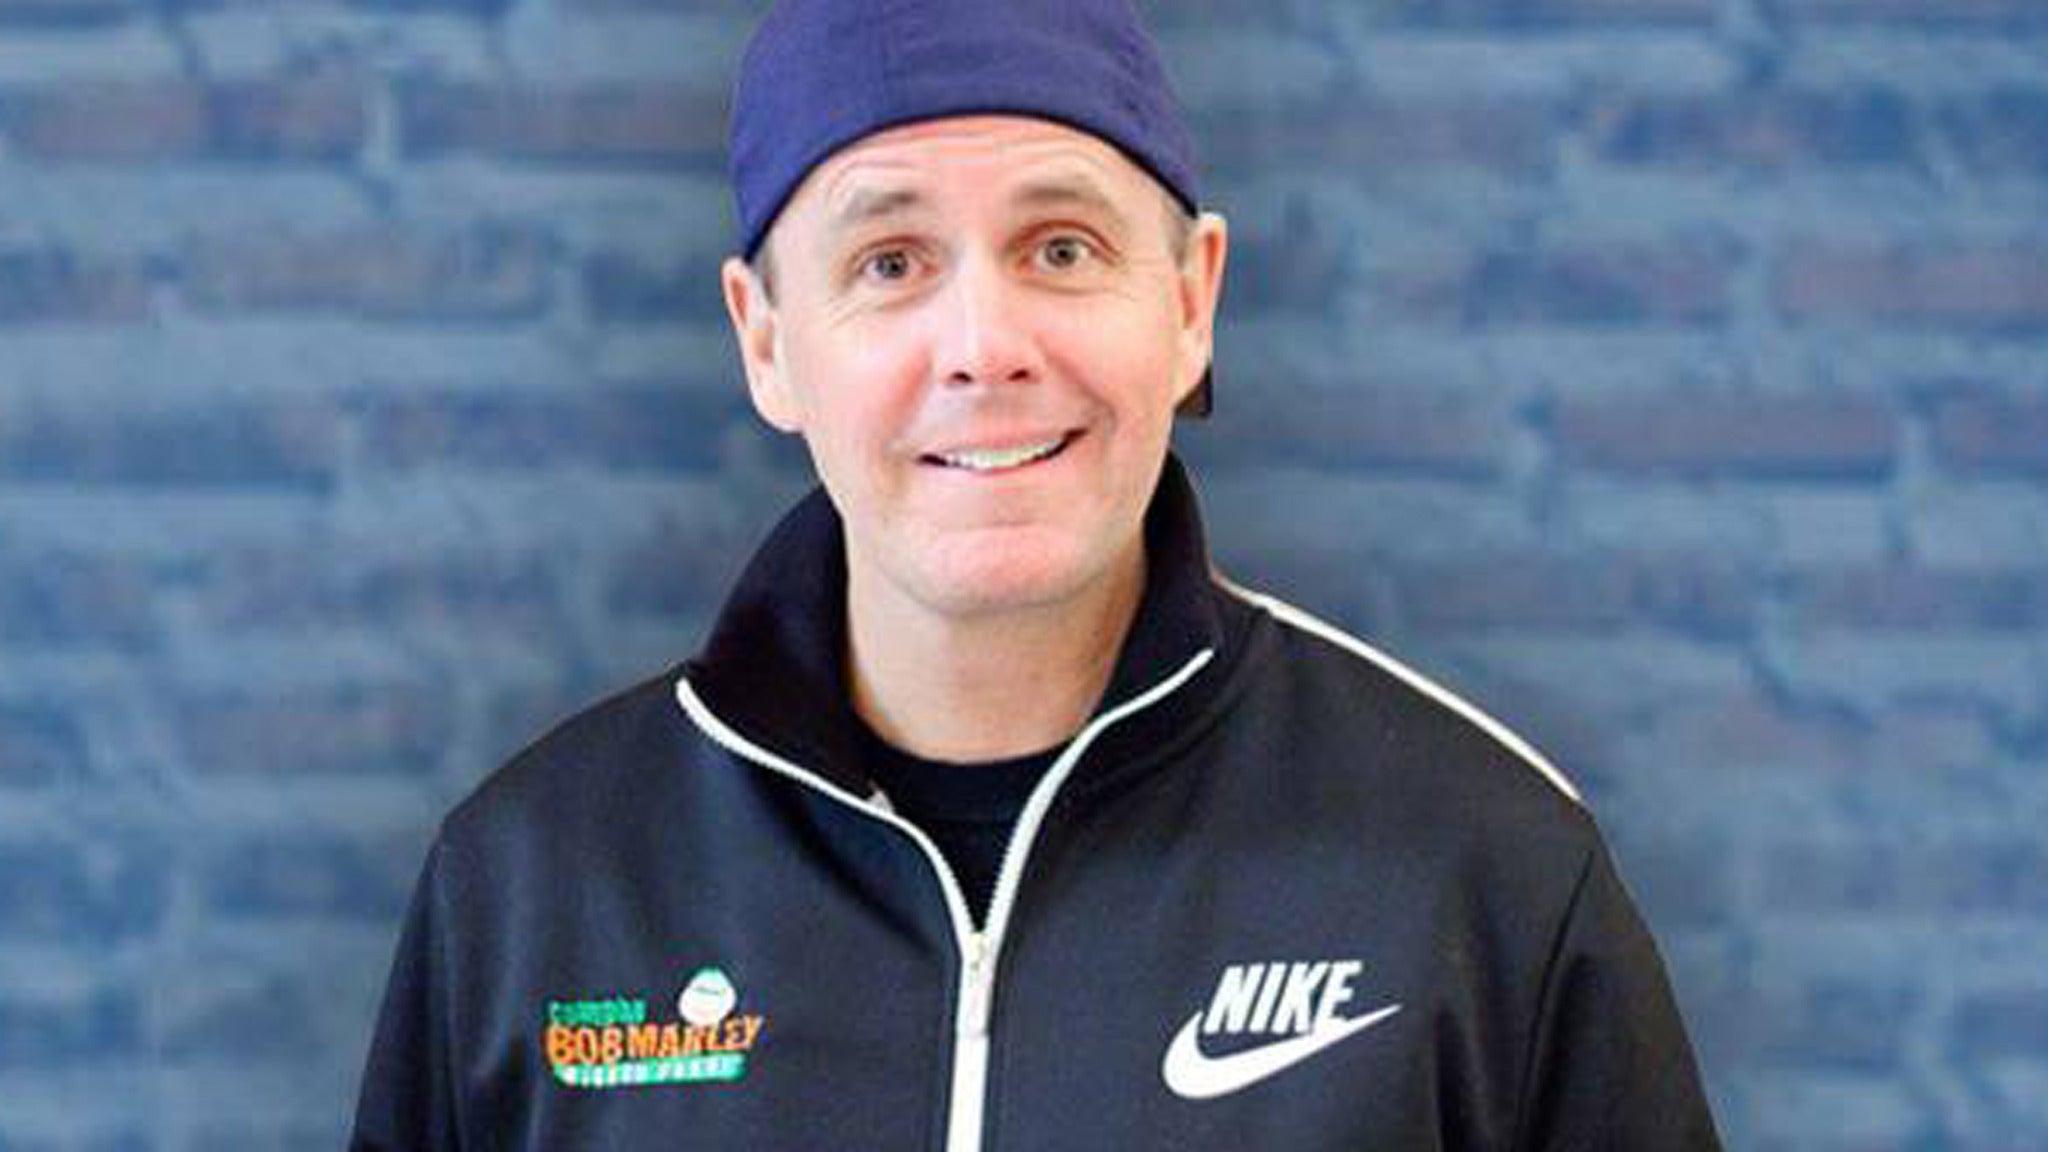 Bob Marley Comedian presale password for show tickets in Mashantucket, CT (Great Cedar Showroom at Foxwoods Resort Casino)